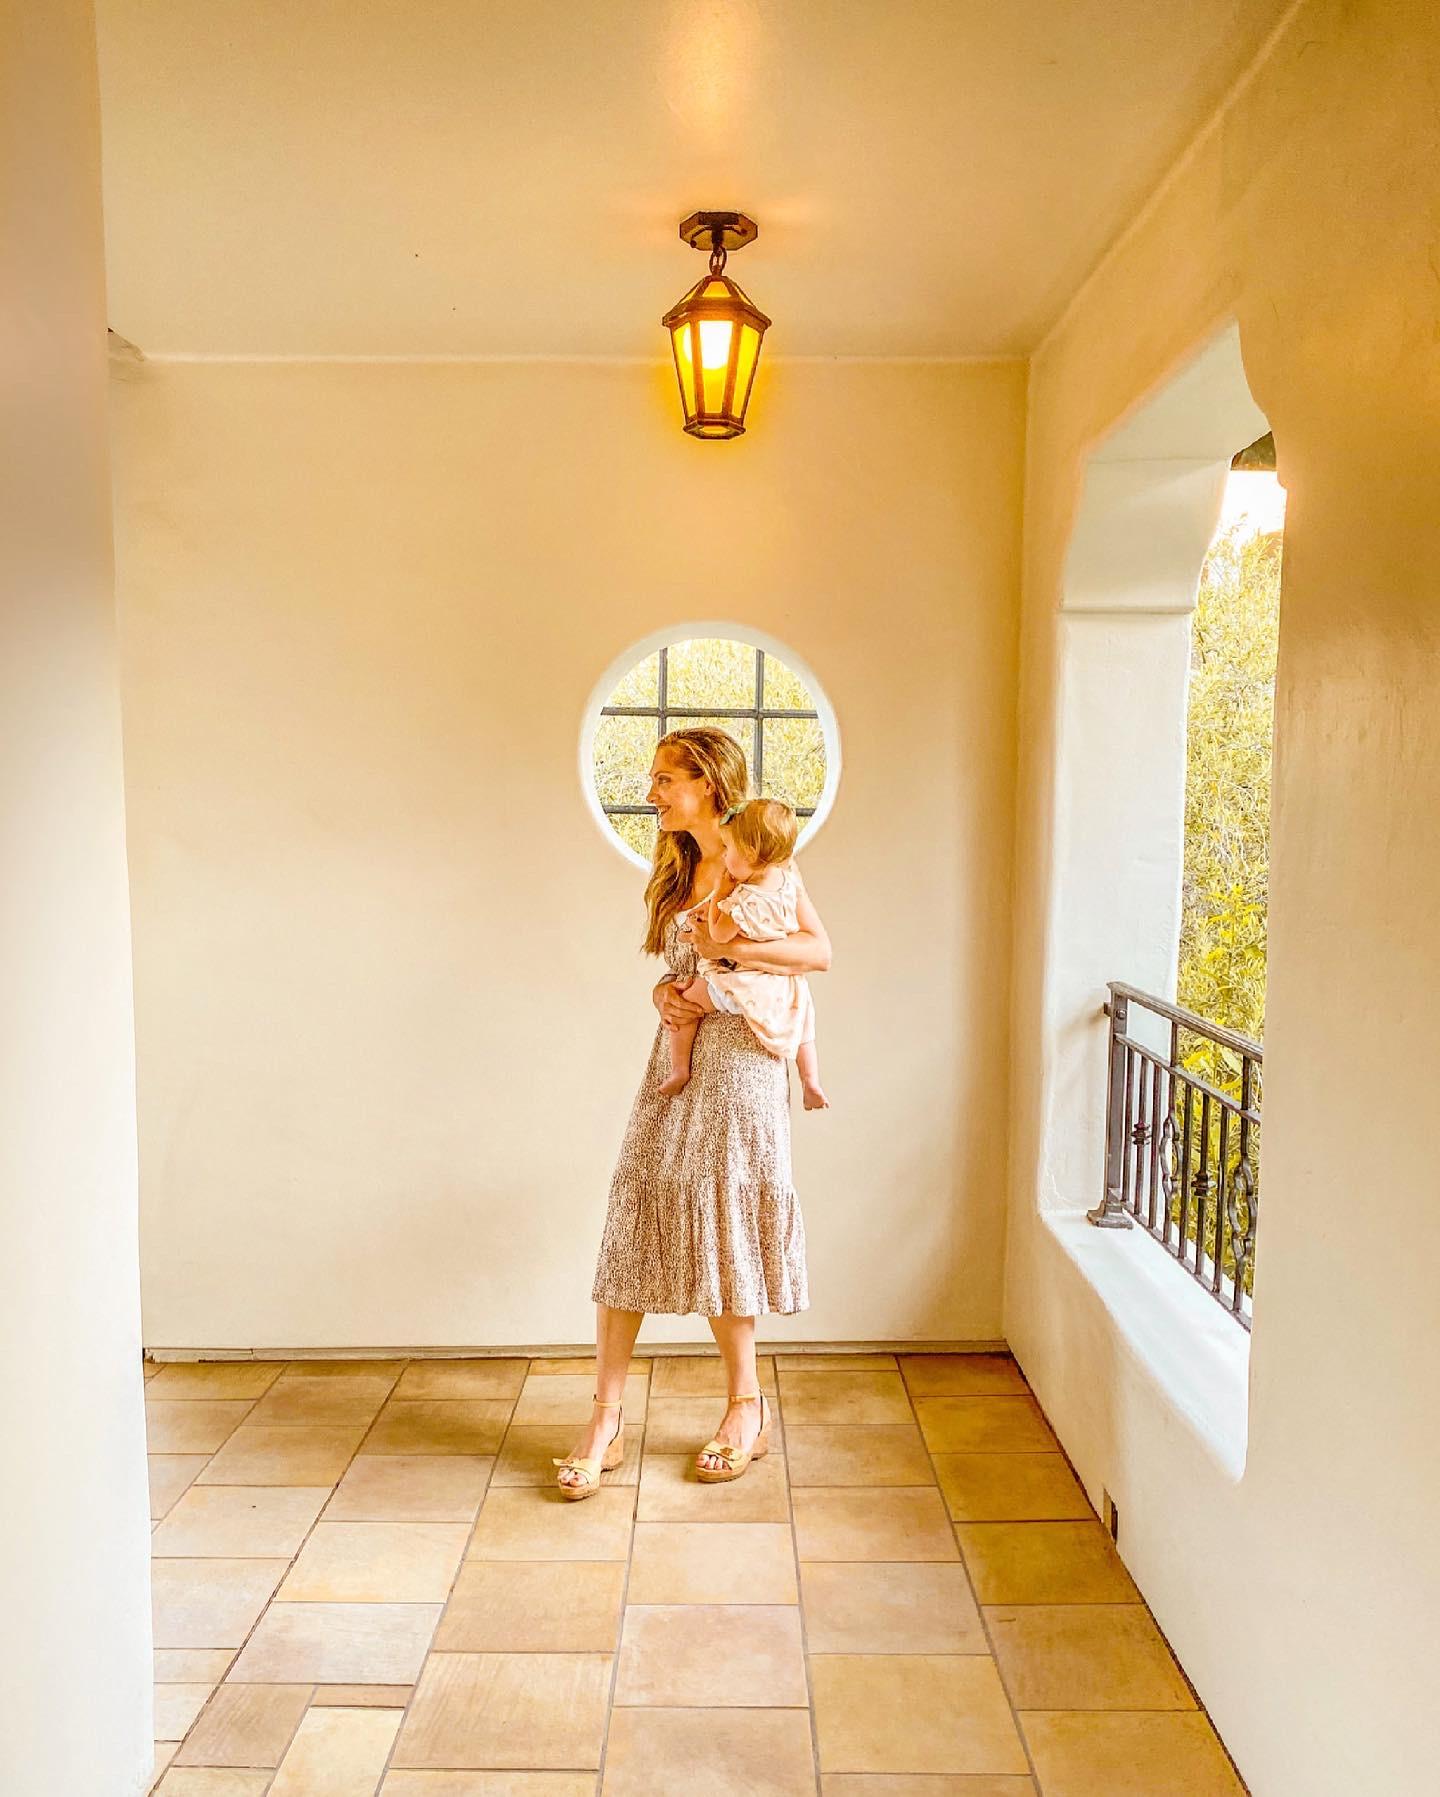 hallway at the baccarat Santa Barbara ritz